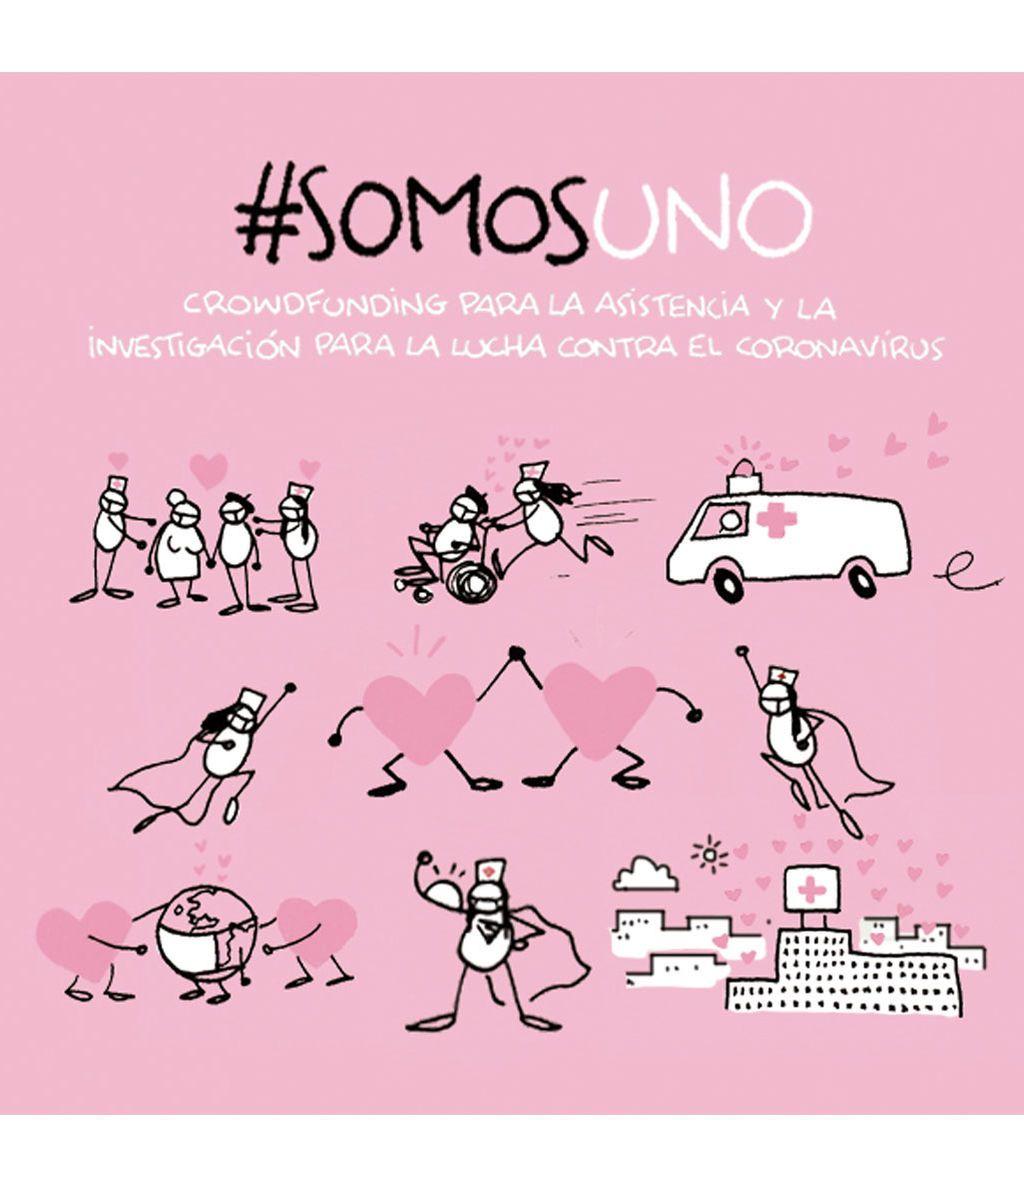 #SomosUno, la inciativa de Dulceida para luchar contra el coronavirus